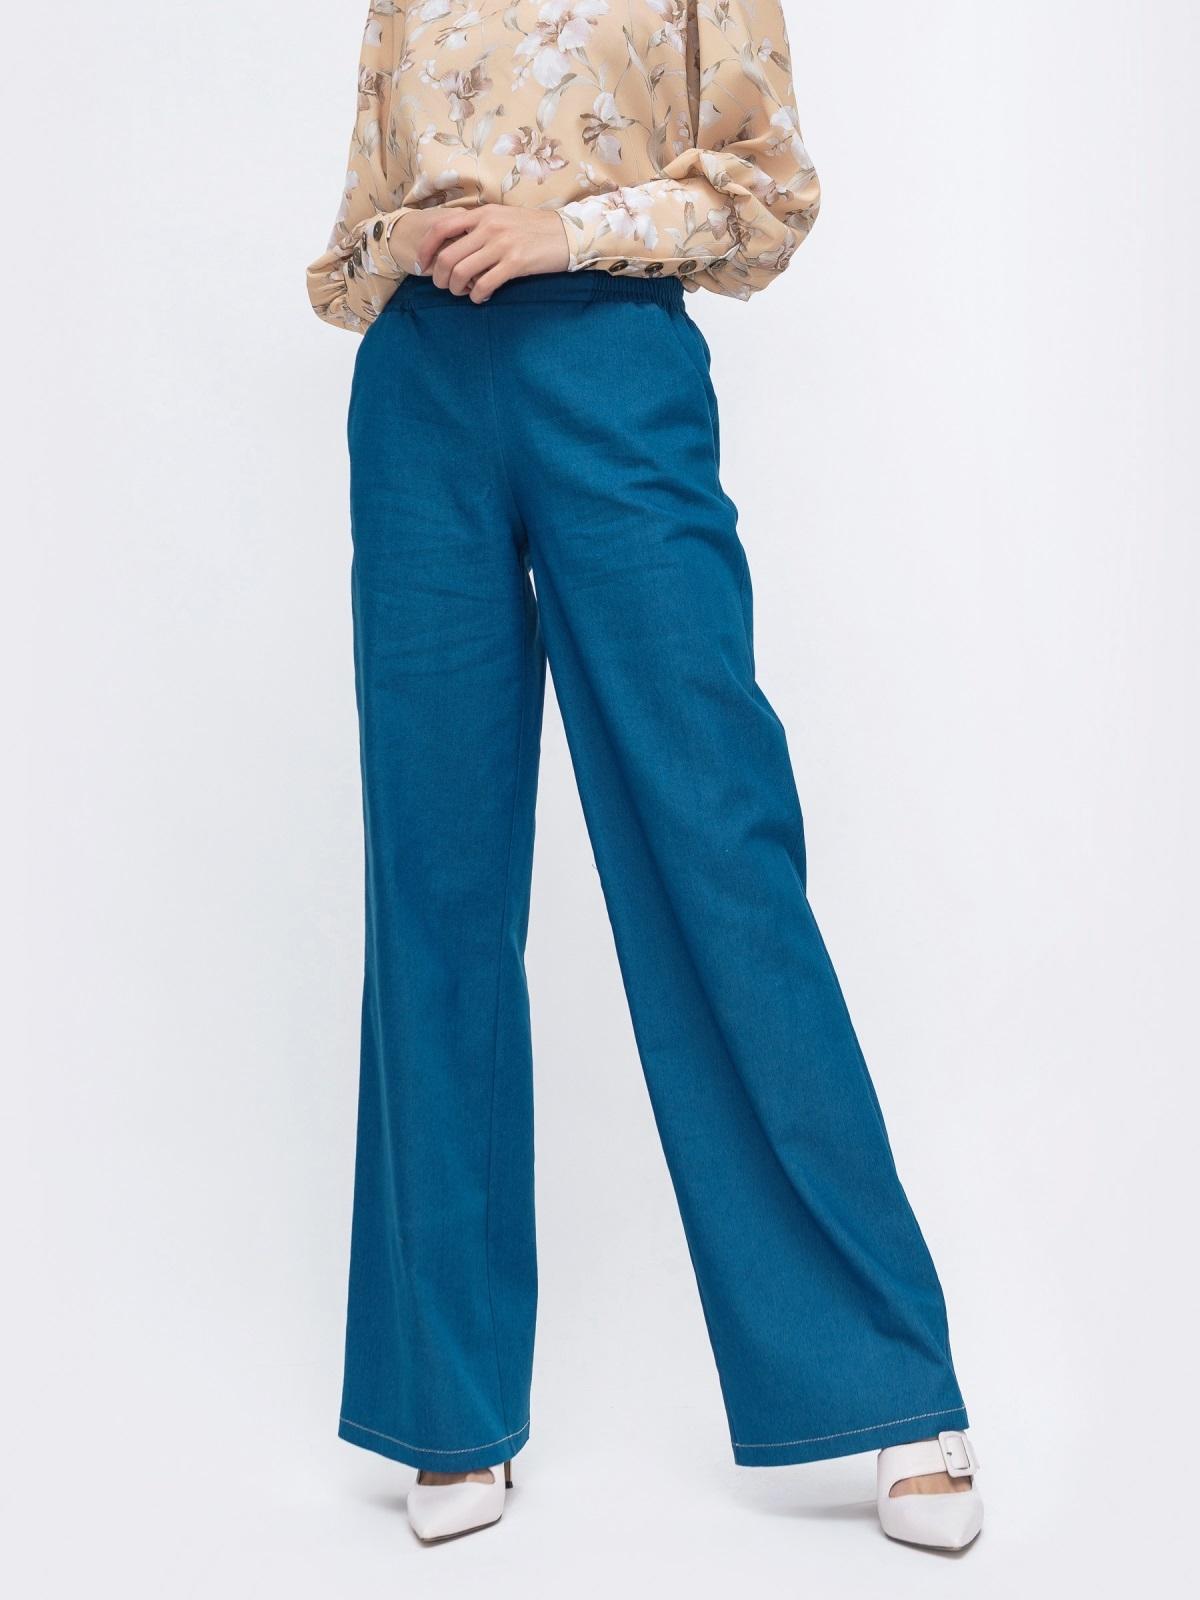 Купить брюки клеш - интернет-магазин Dressa